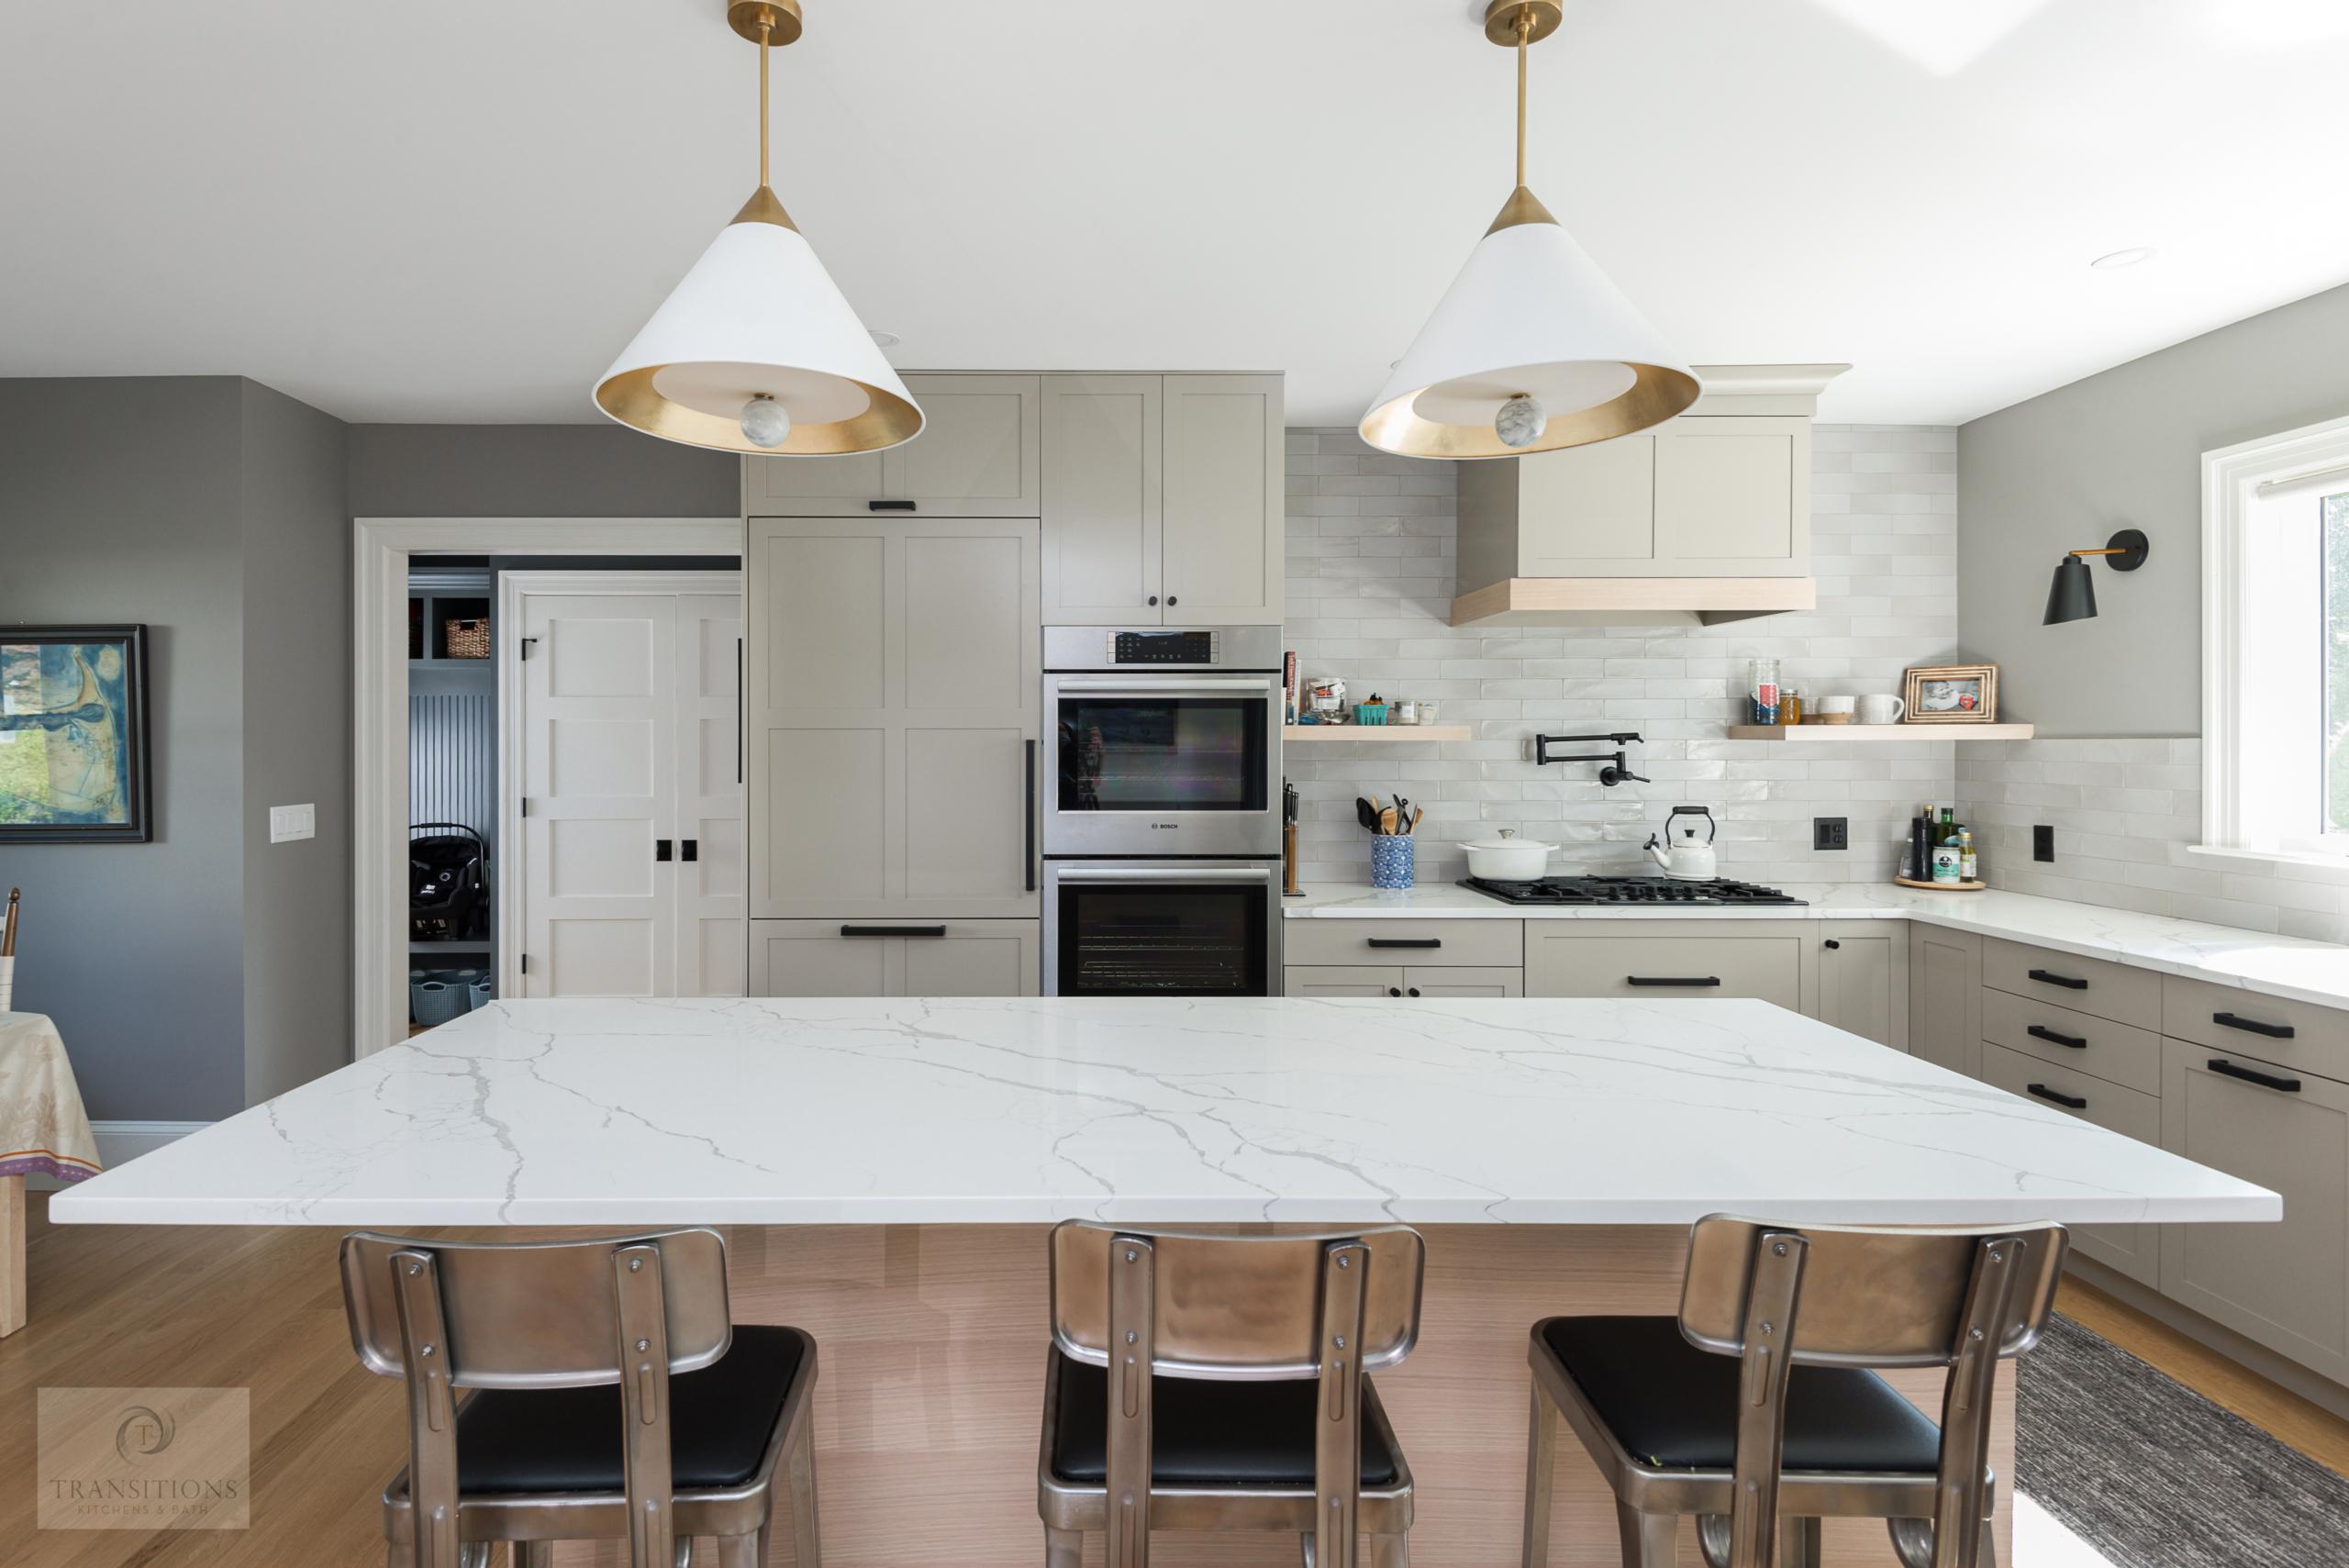 kitchen design with open storage